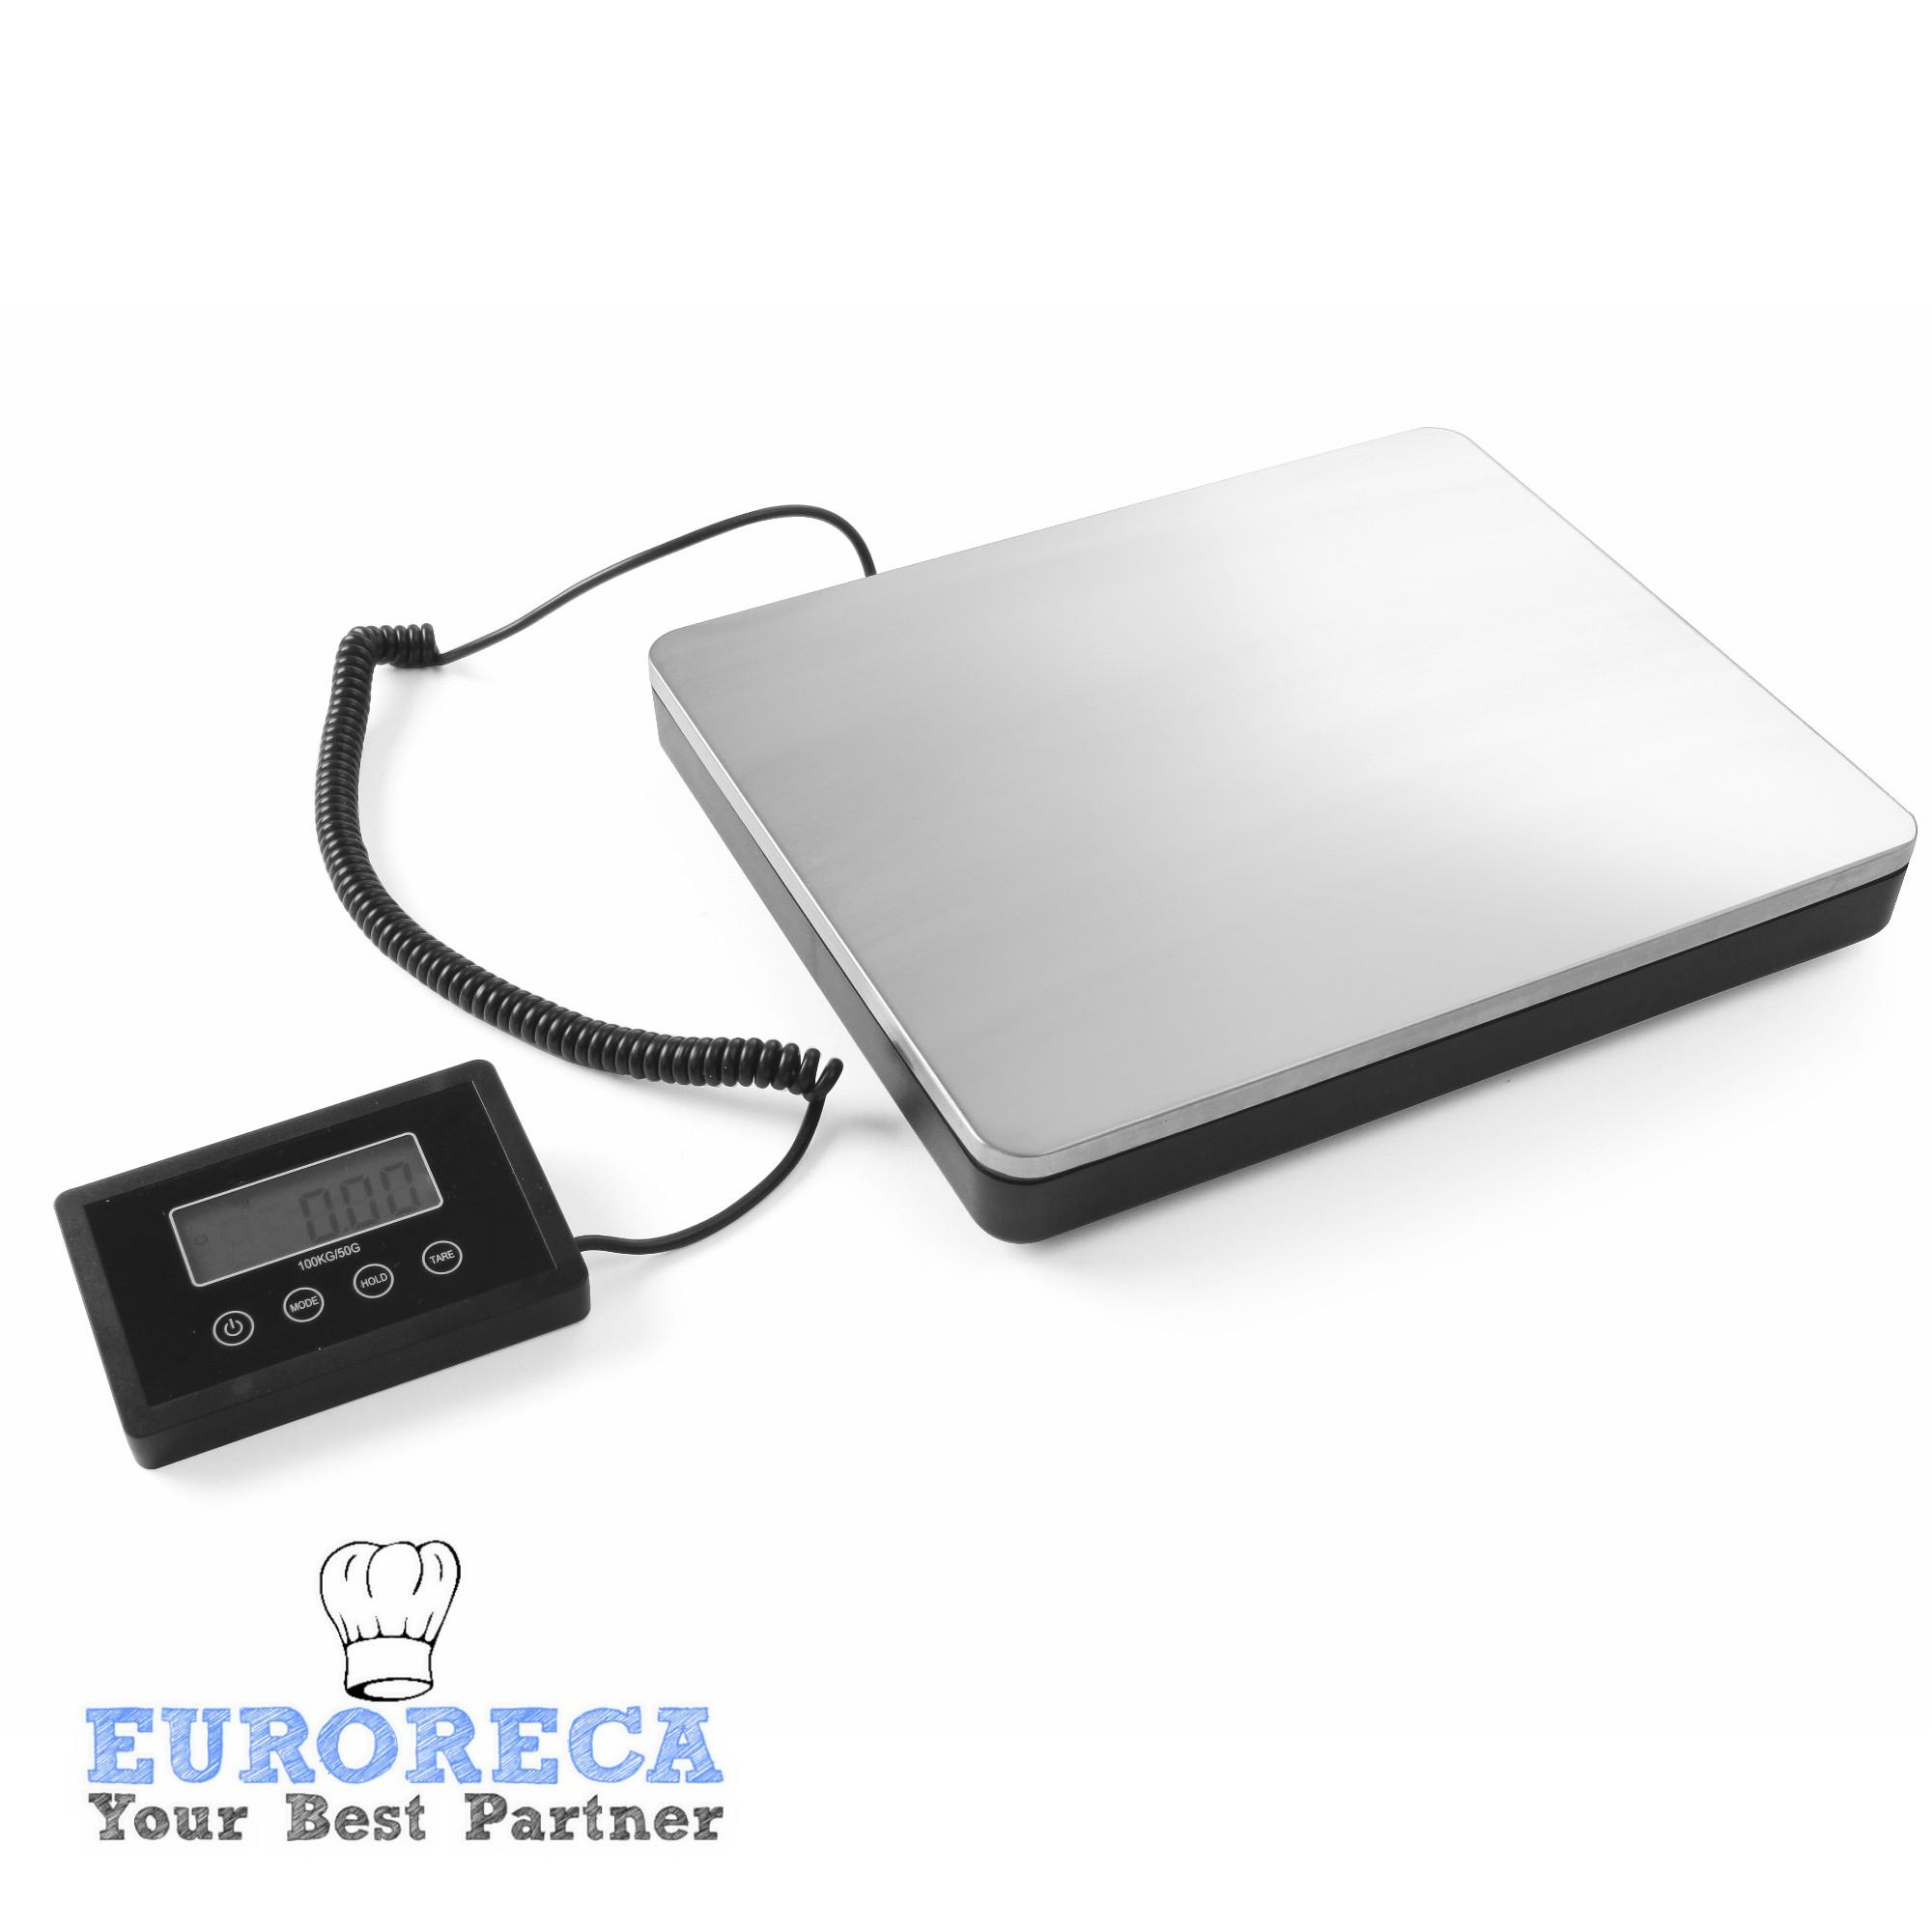 Grande balance digitale sur plateau sur batterie